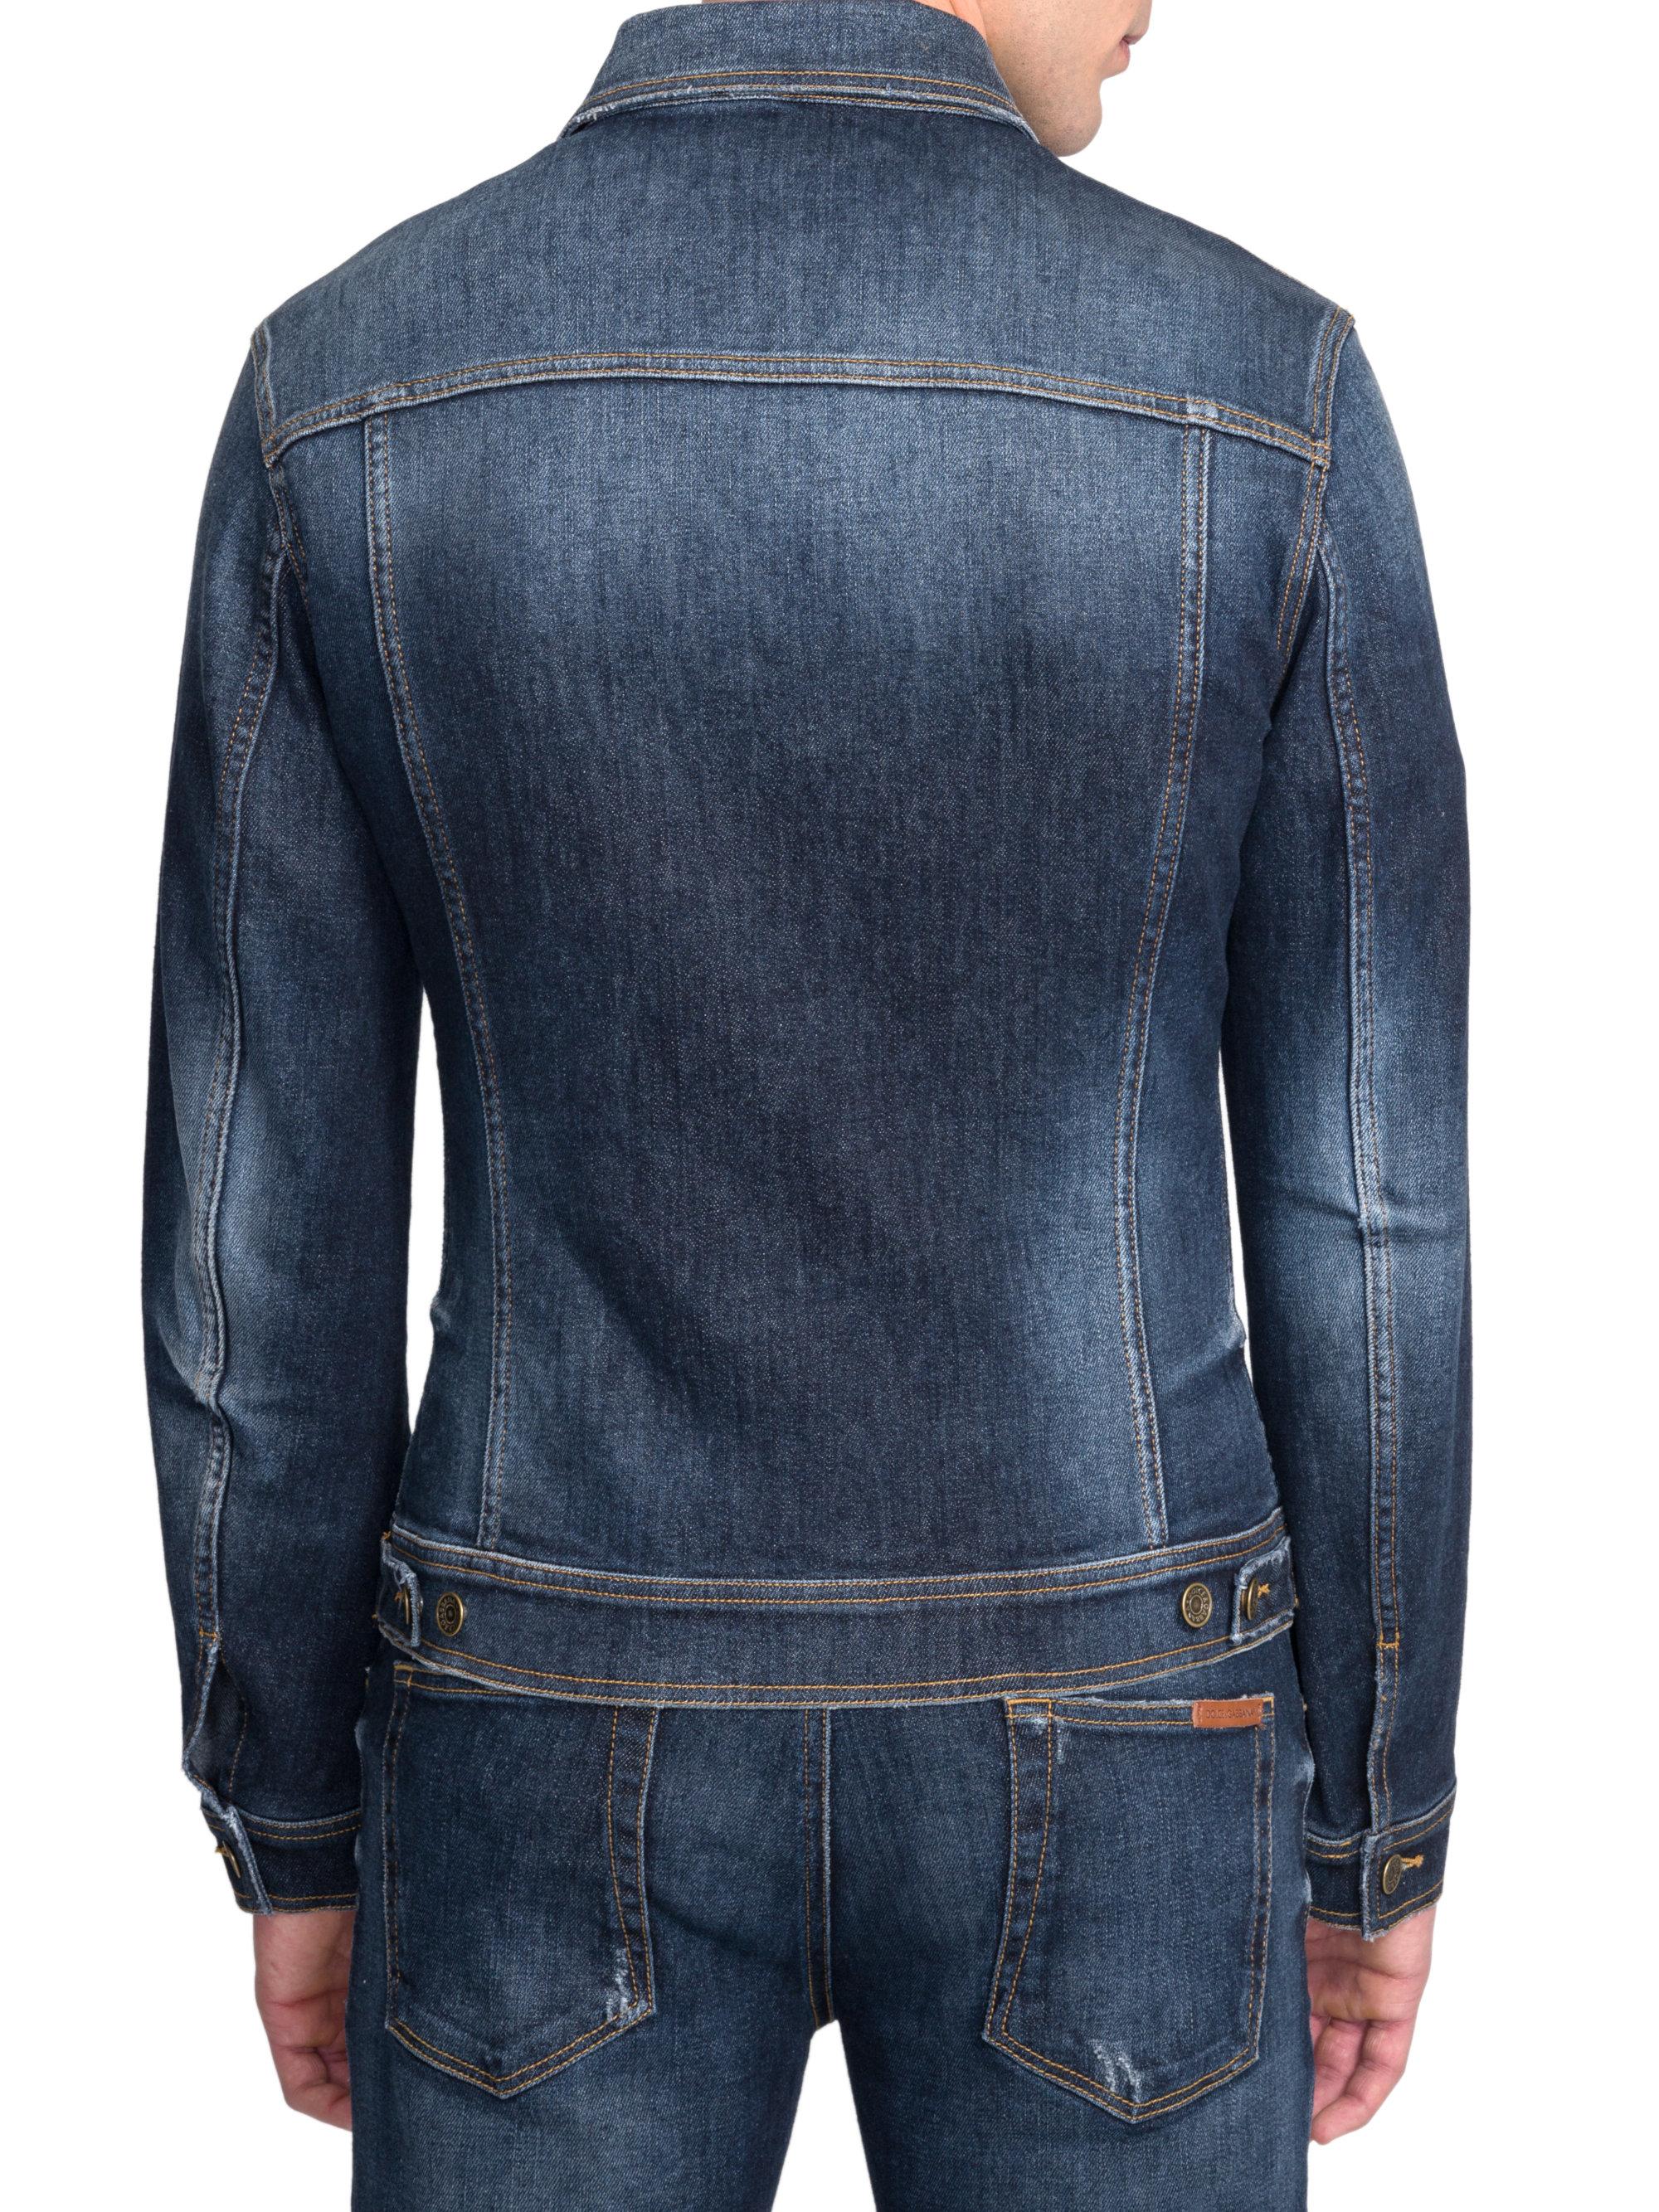 912e63aa87 Dolce Gabbana Denim Jacket